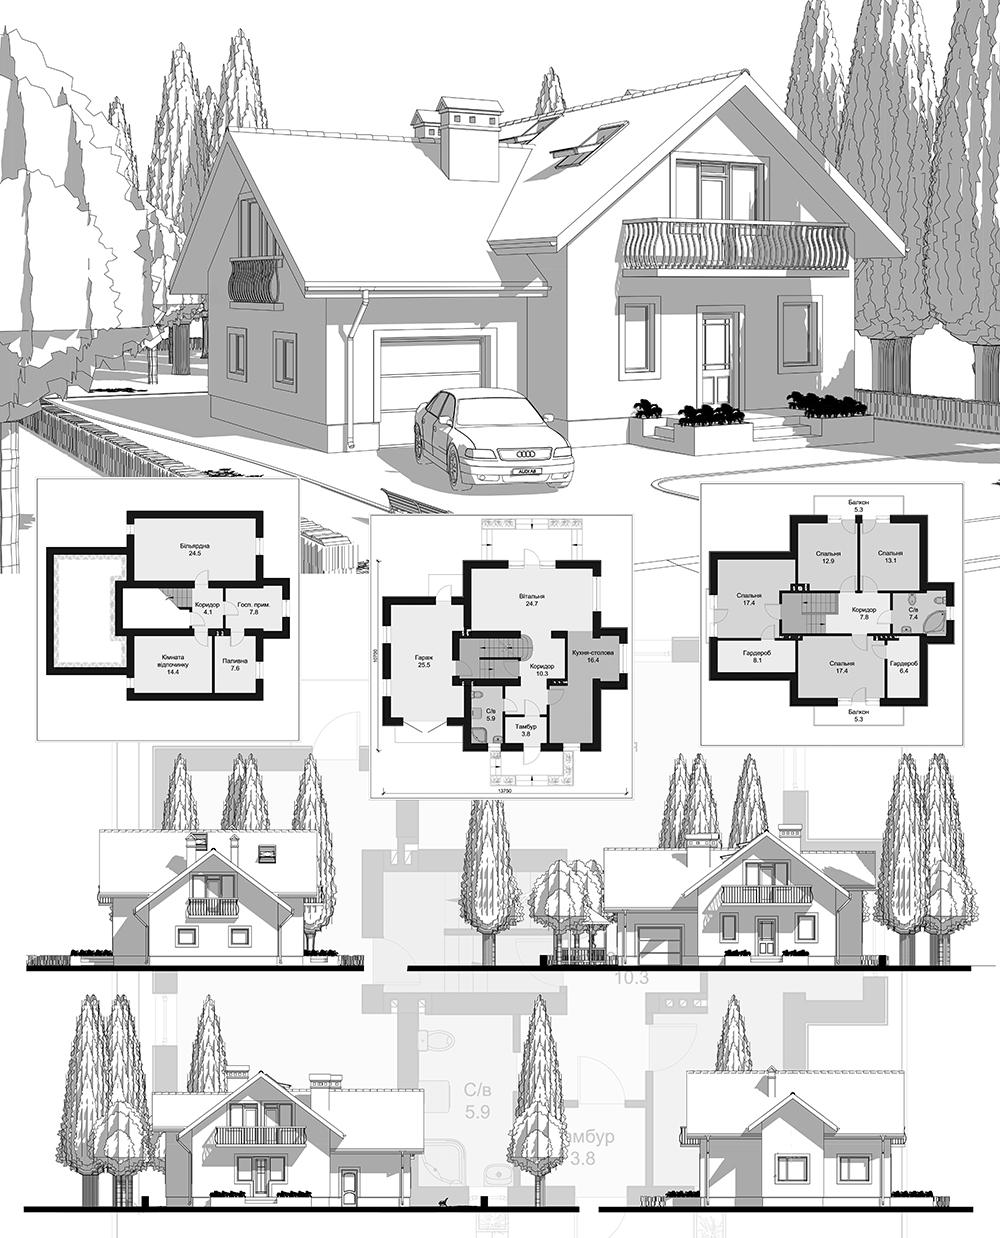 Фото Проект індивідуального одноповерхового житлового будинку з вбудованим гаражем, з мансардою та підвалом. Виконано стадію ЕСКІЗ; АРХІТЕКТУРНІ РІШЕННЯ; КОНСТРУКТИВНІ РІШЕННЯ